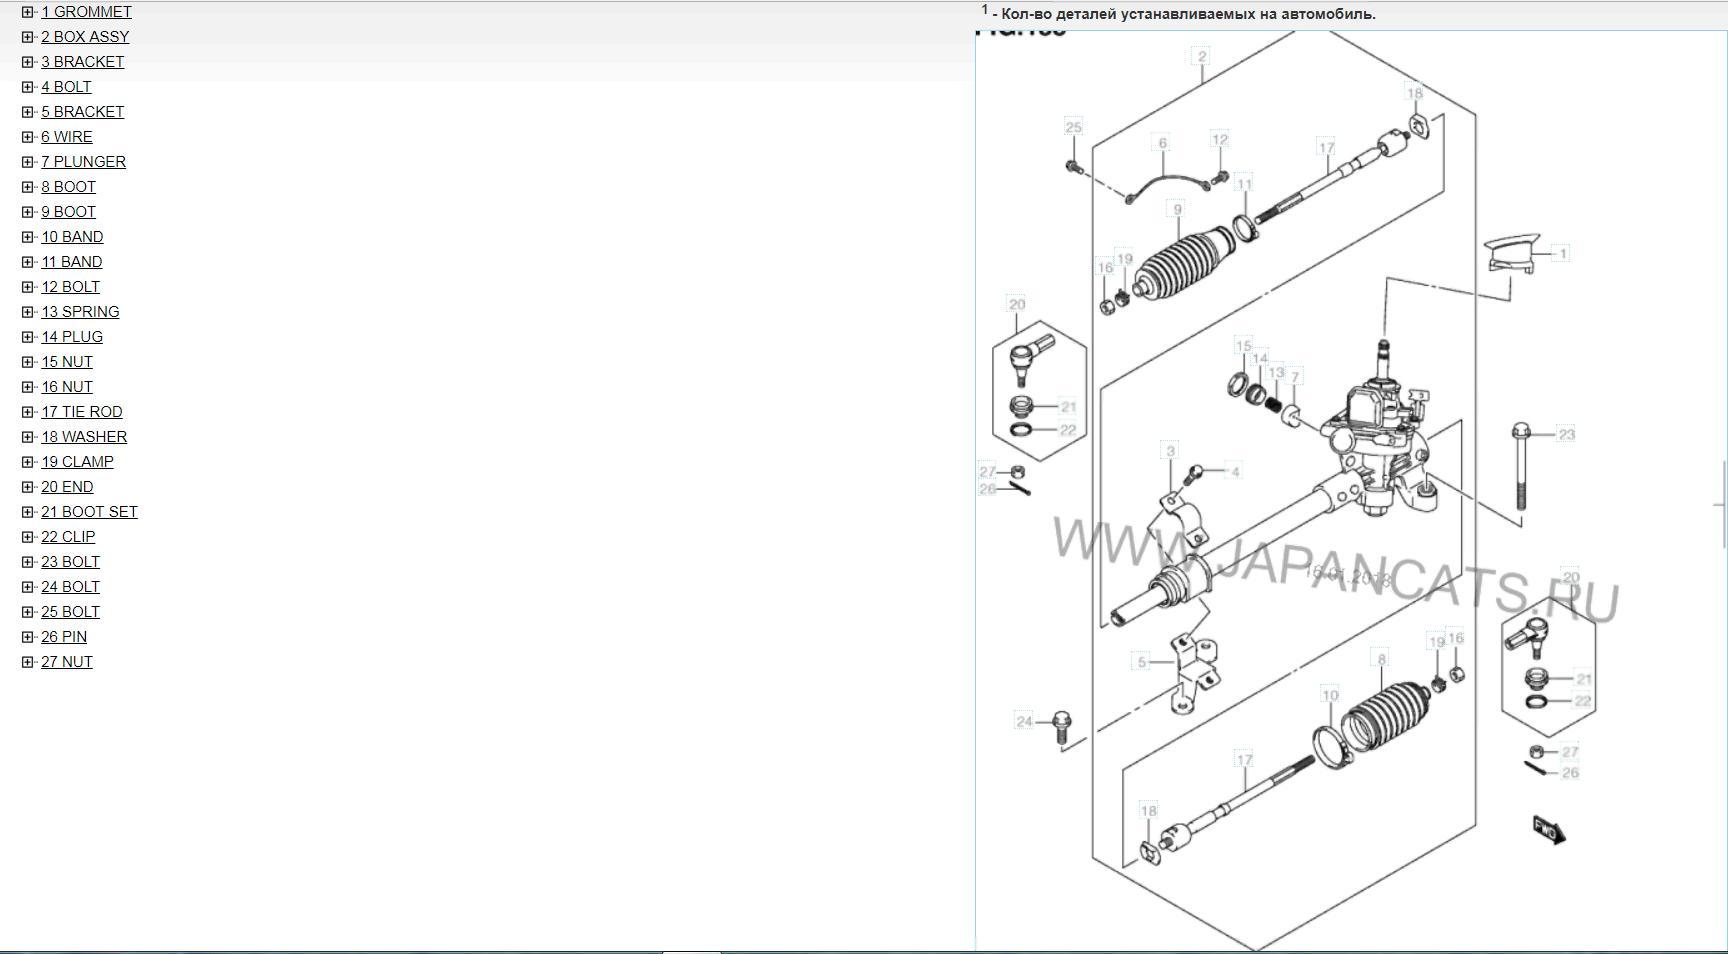 Рулевое управление-елкаст.jpg